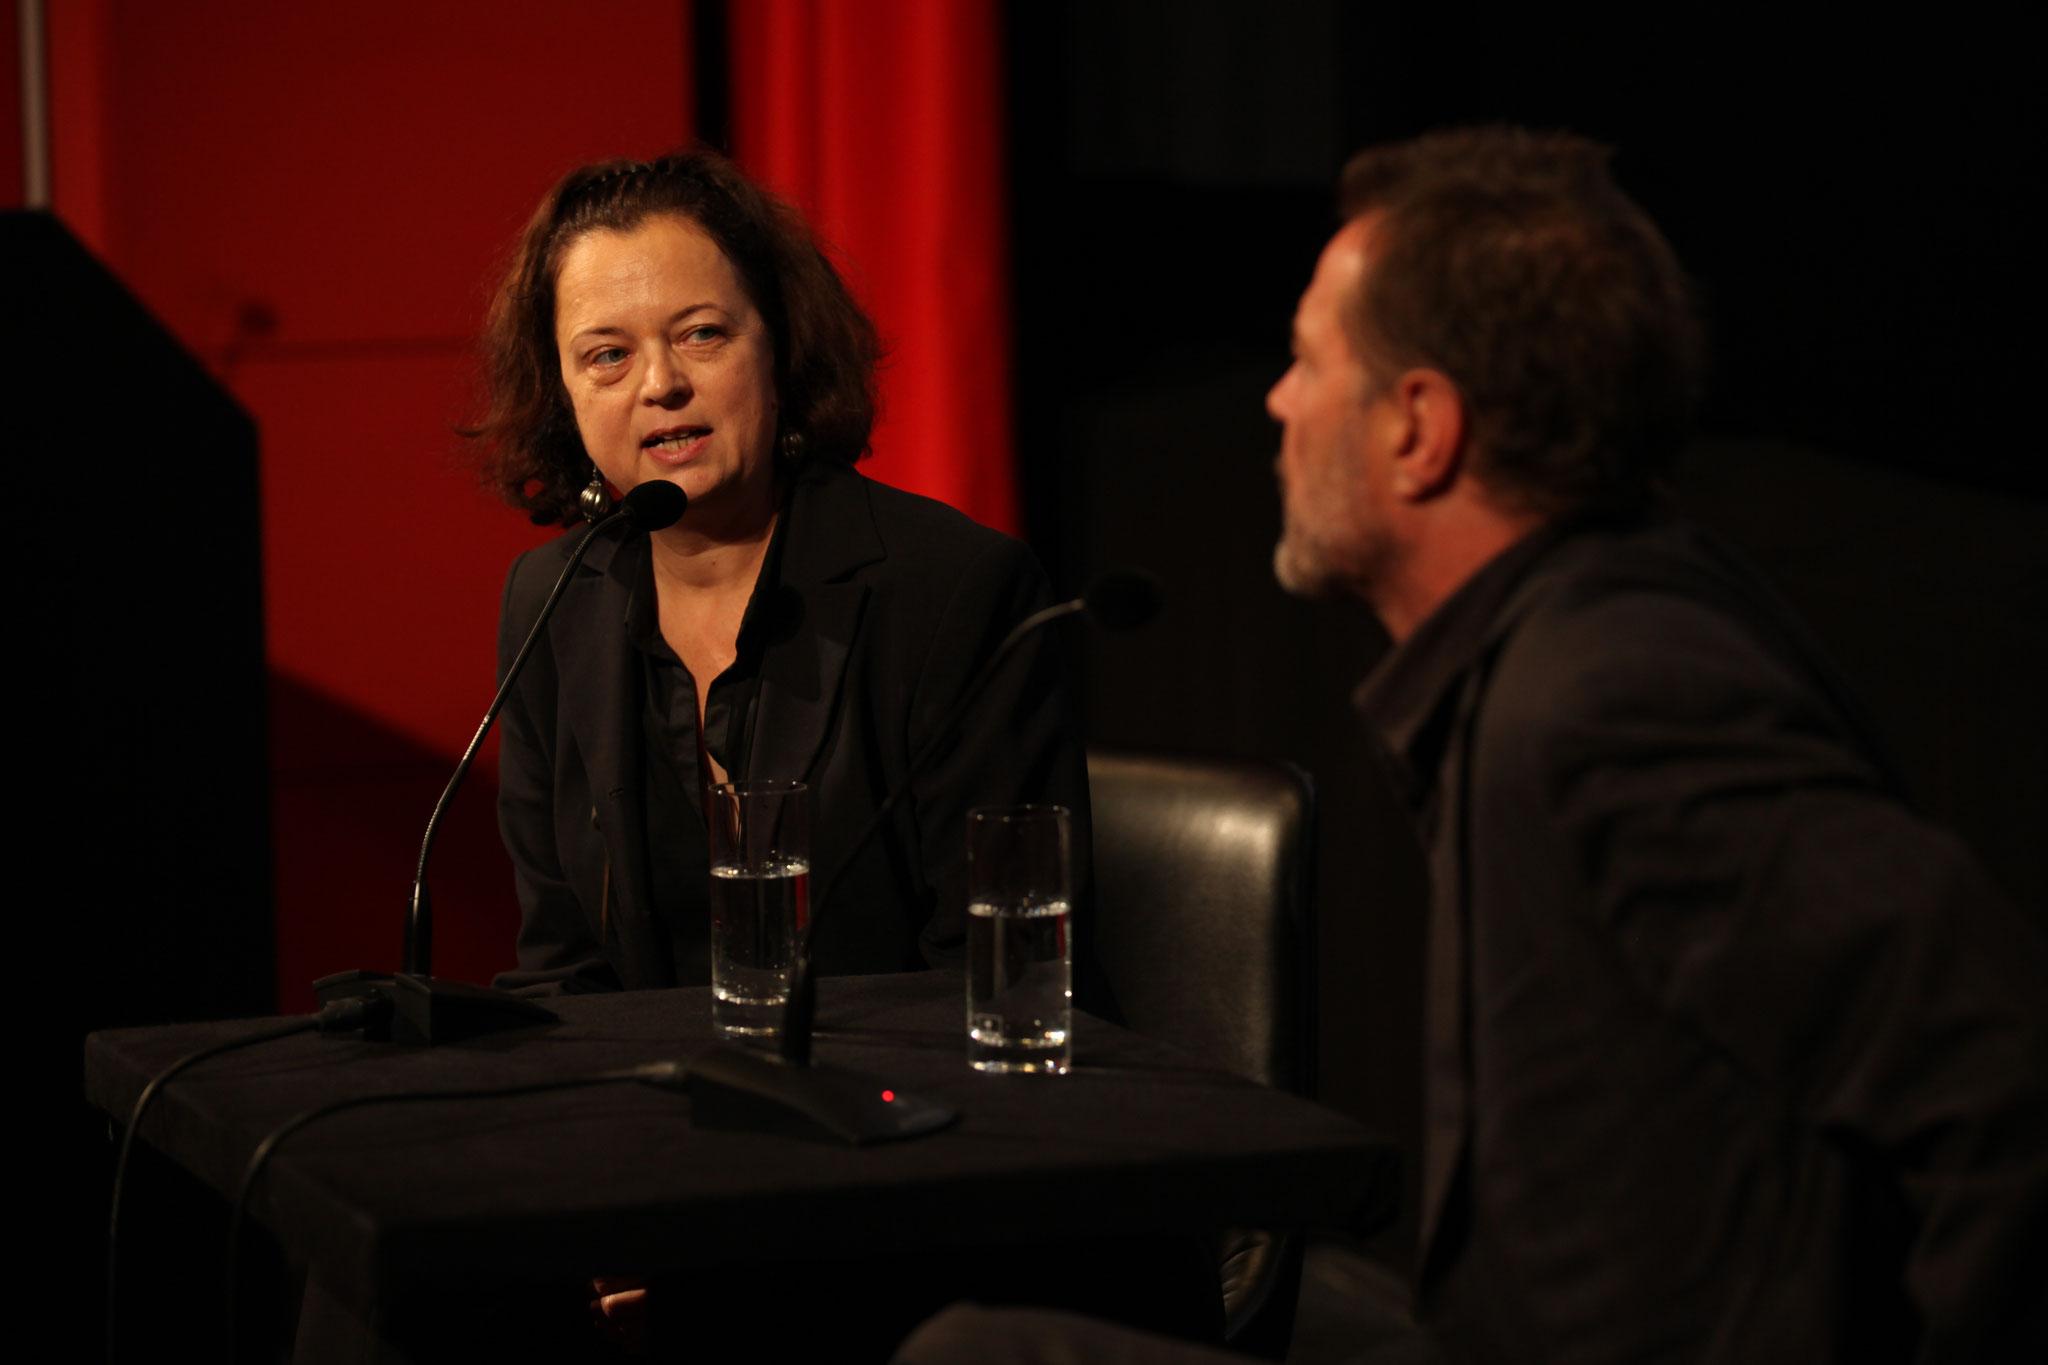 Künstlergespräch mit Sebastian Koch im Deutschen Filmmuseum (22.10.2010, Quelle: DIF / Foto: Sophie Schüler)